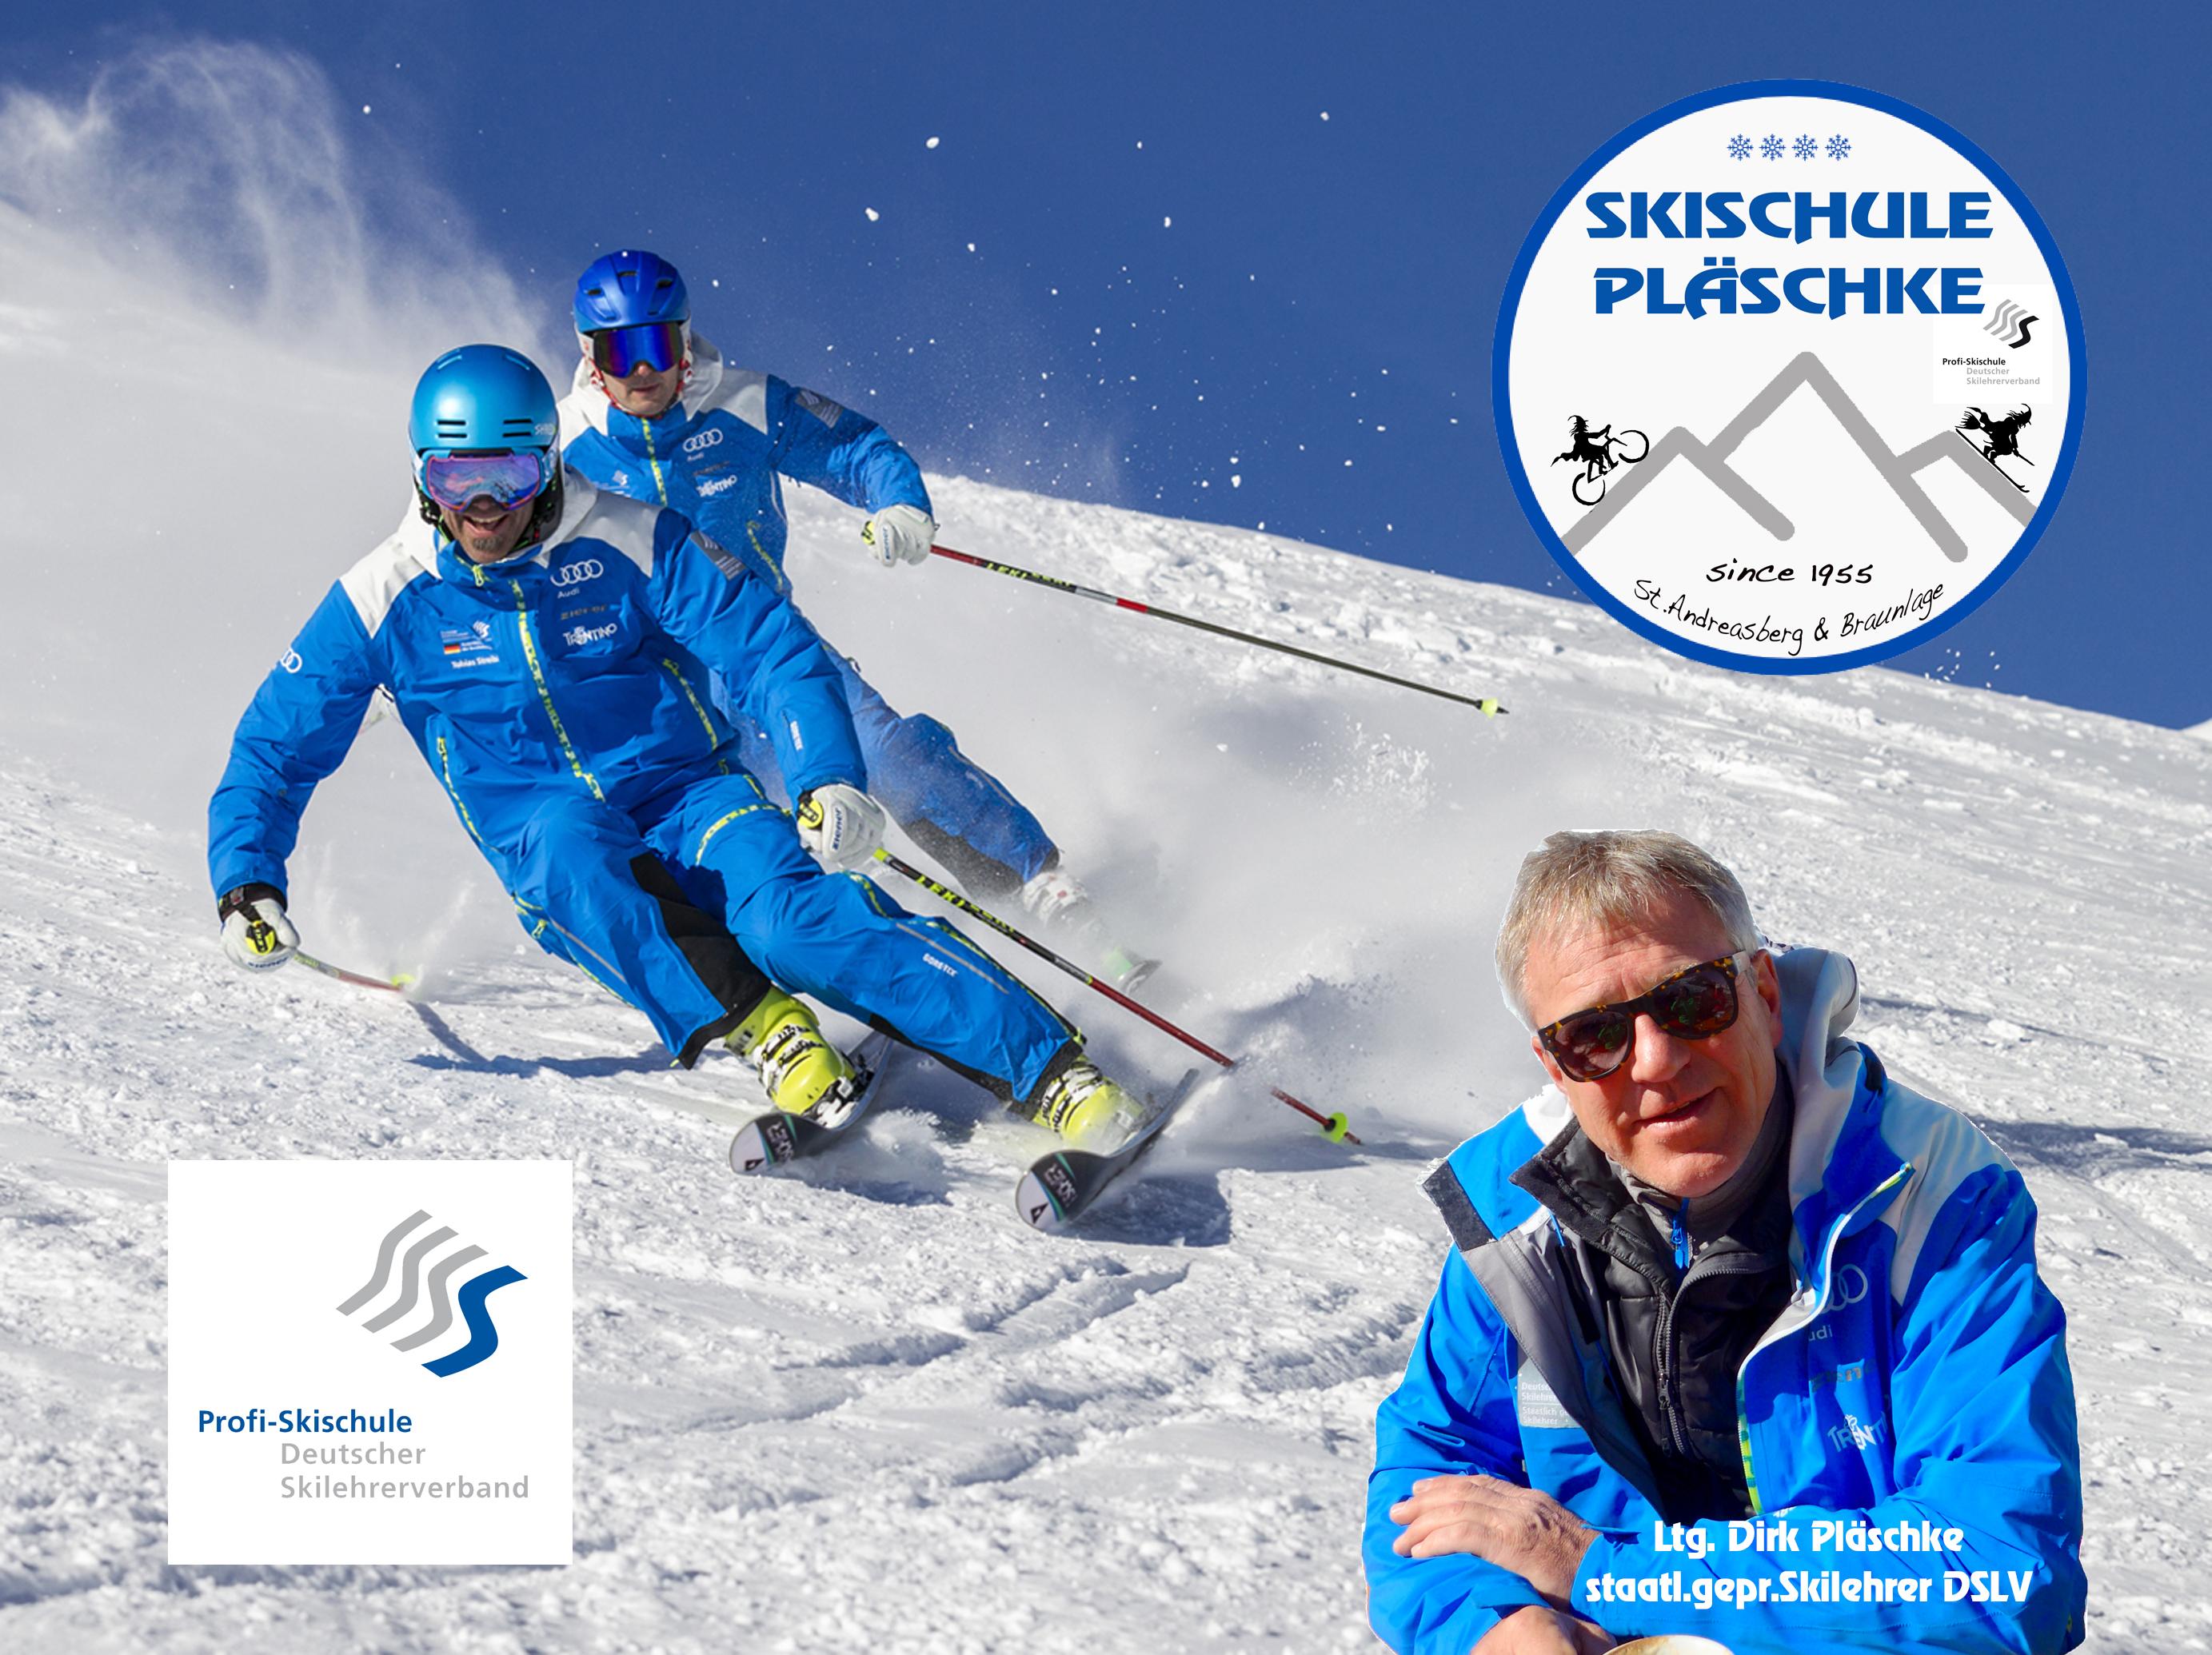 Skischule Pläschke 12.jpg